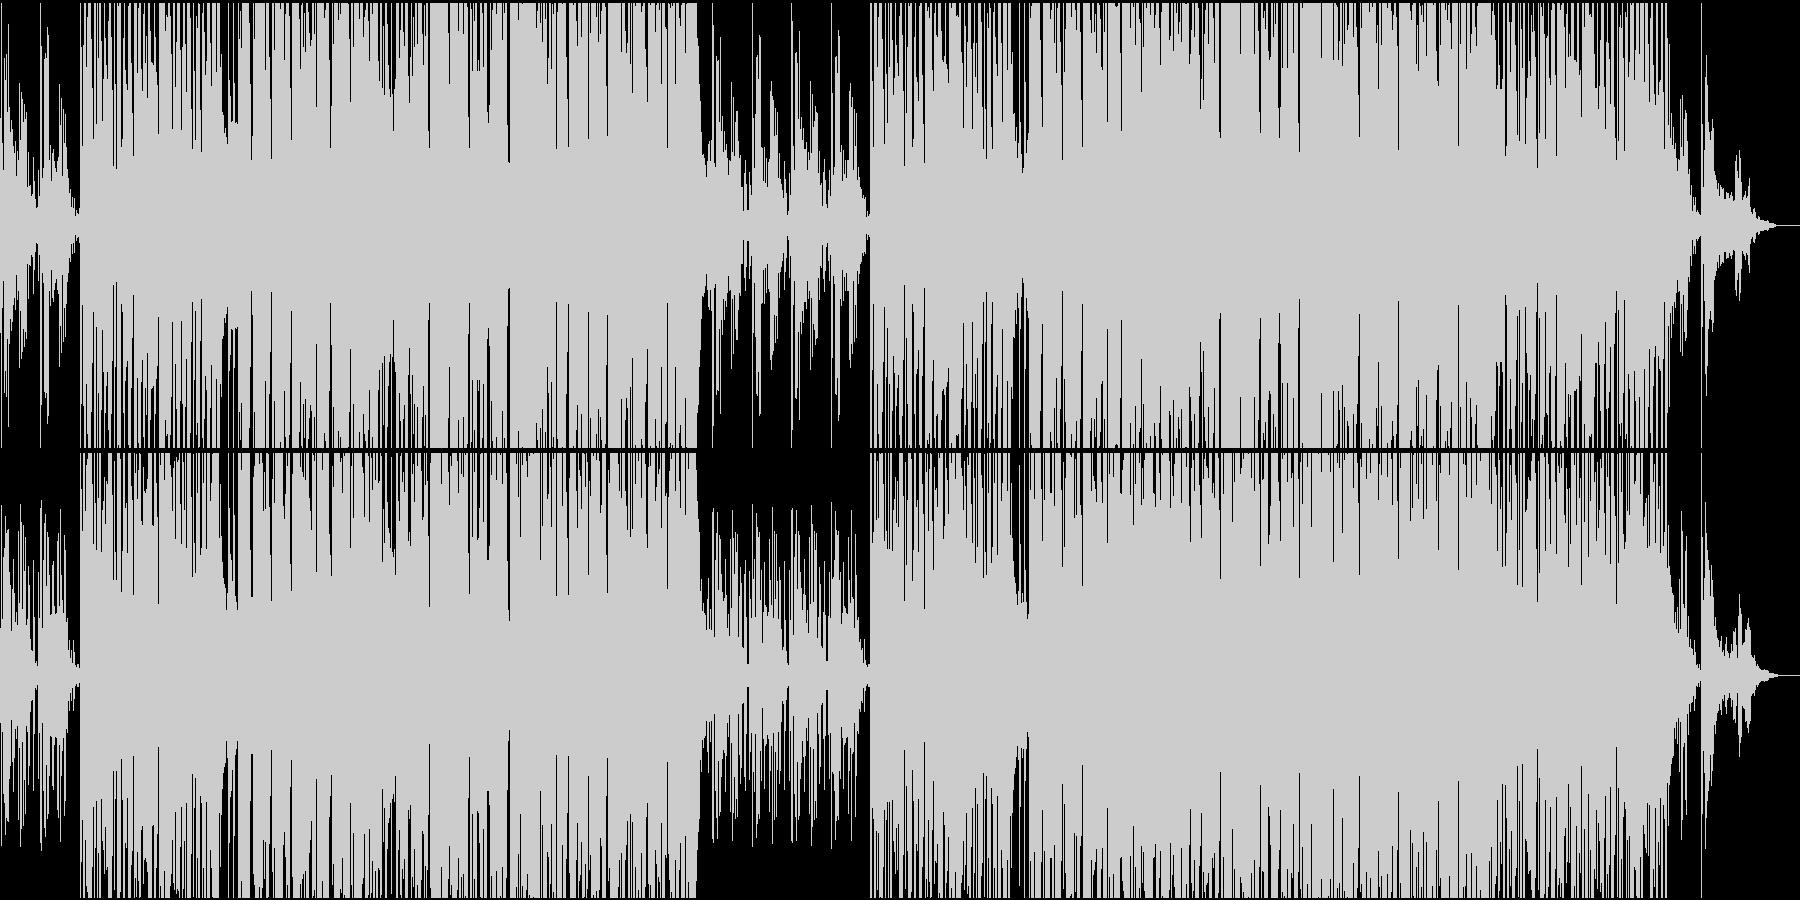 ガットギターPOPギターインストの未再生の波形